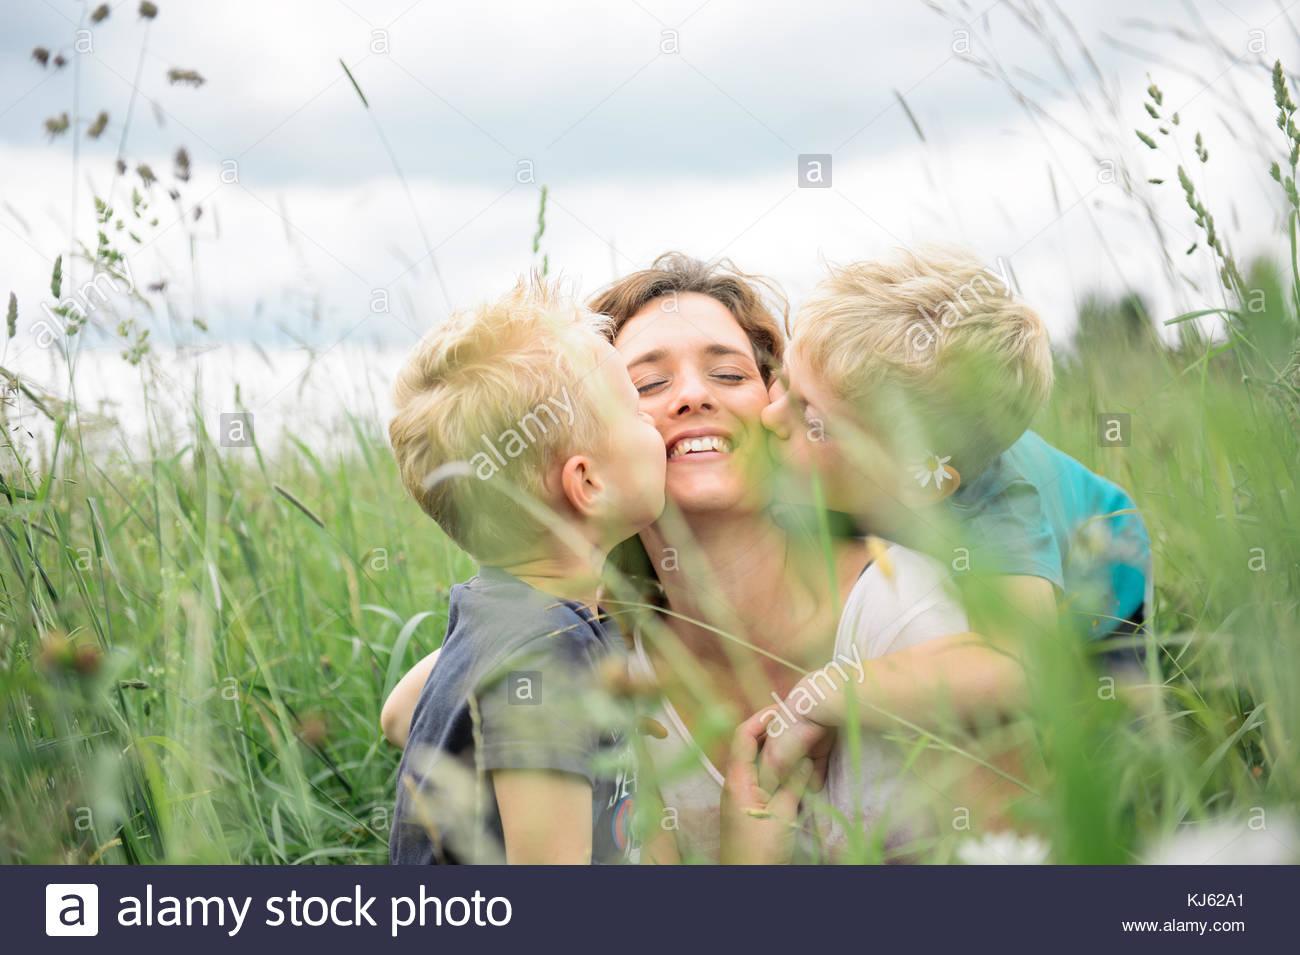 Los niños besar a su madre en una pradera Imagen De Stock